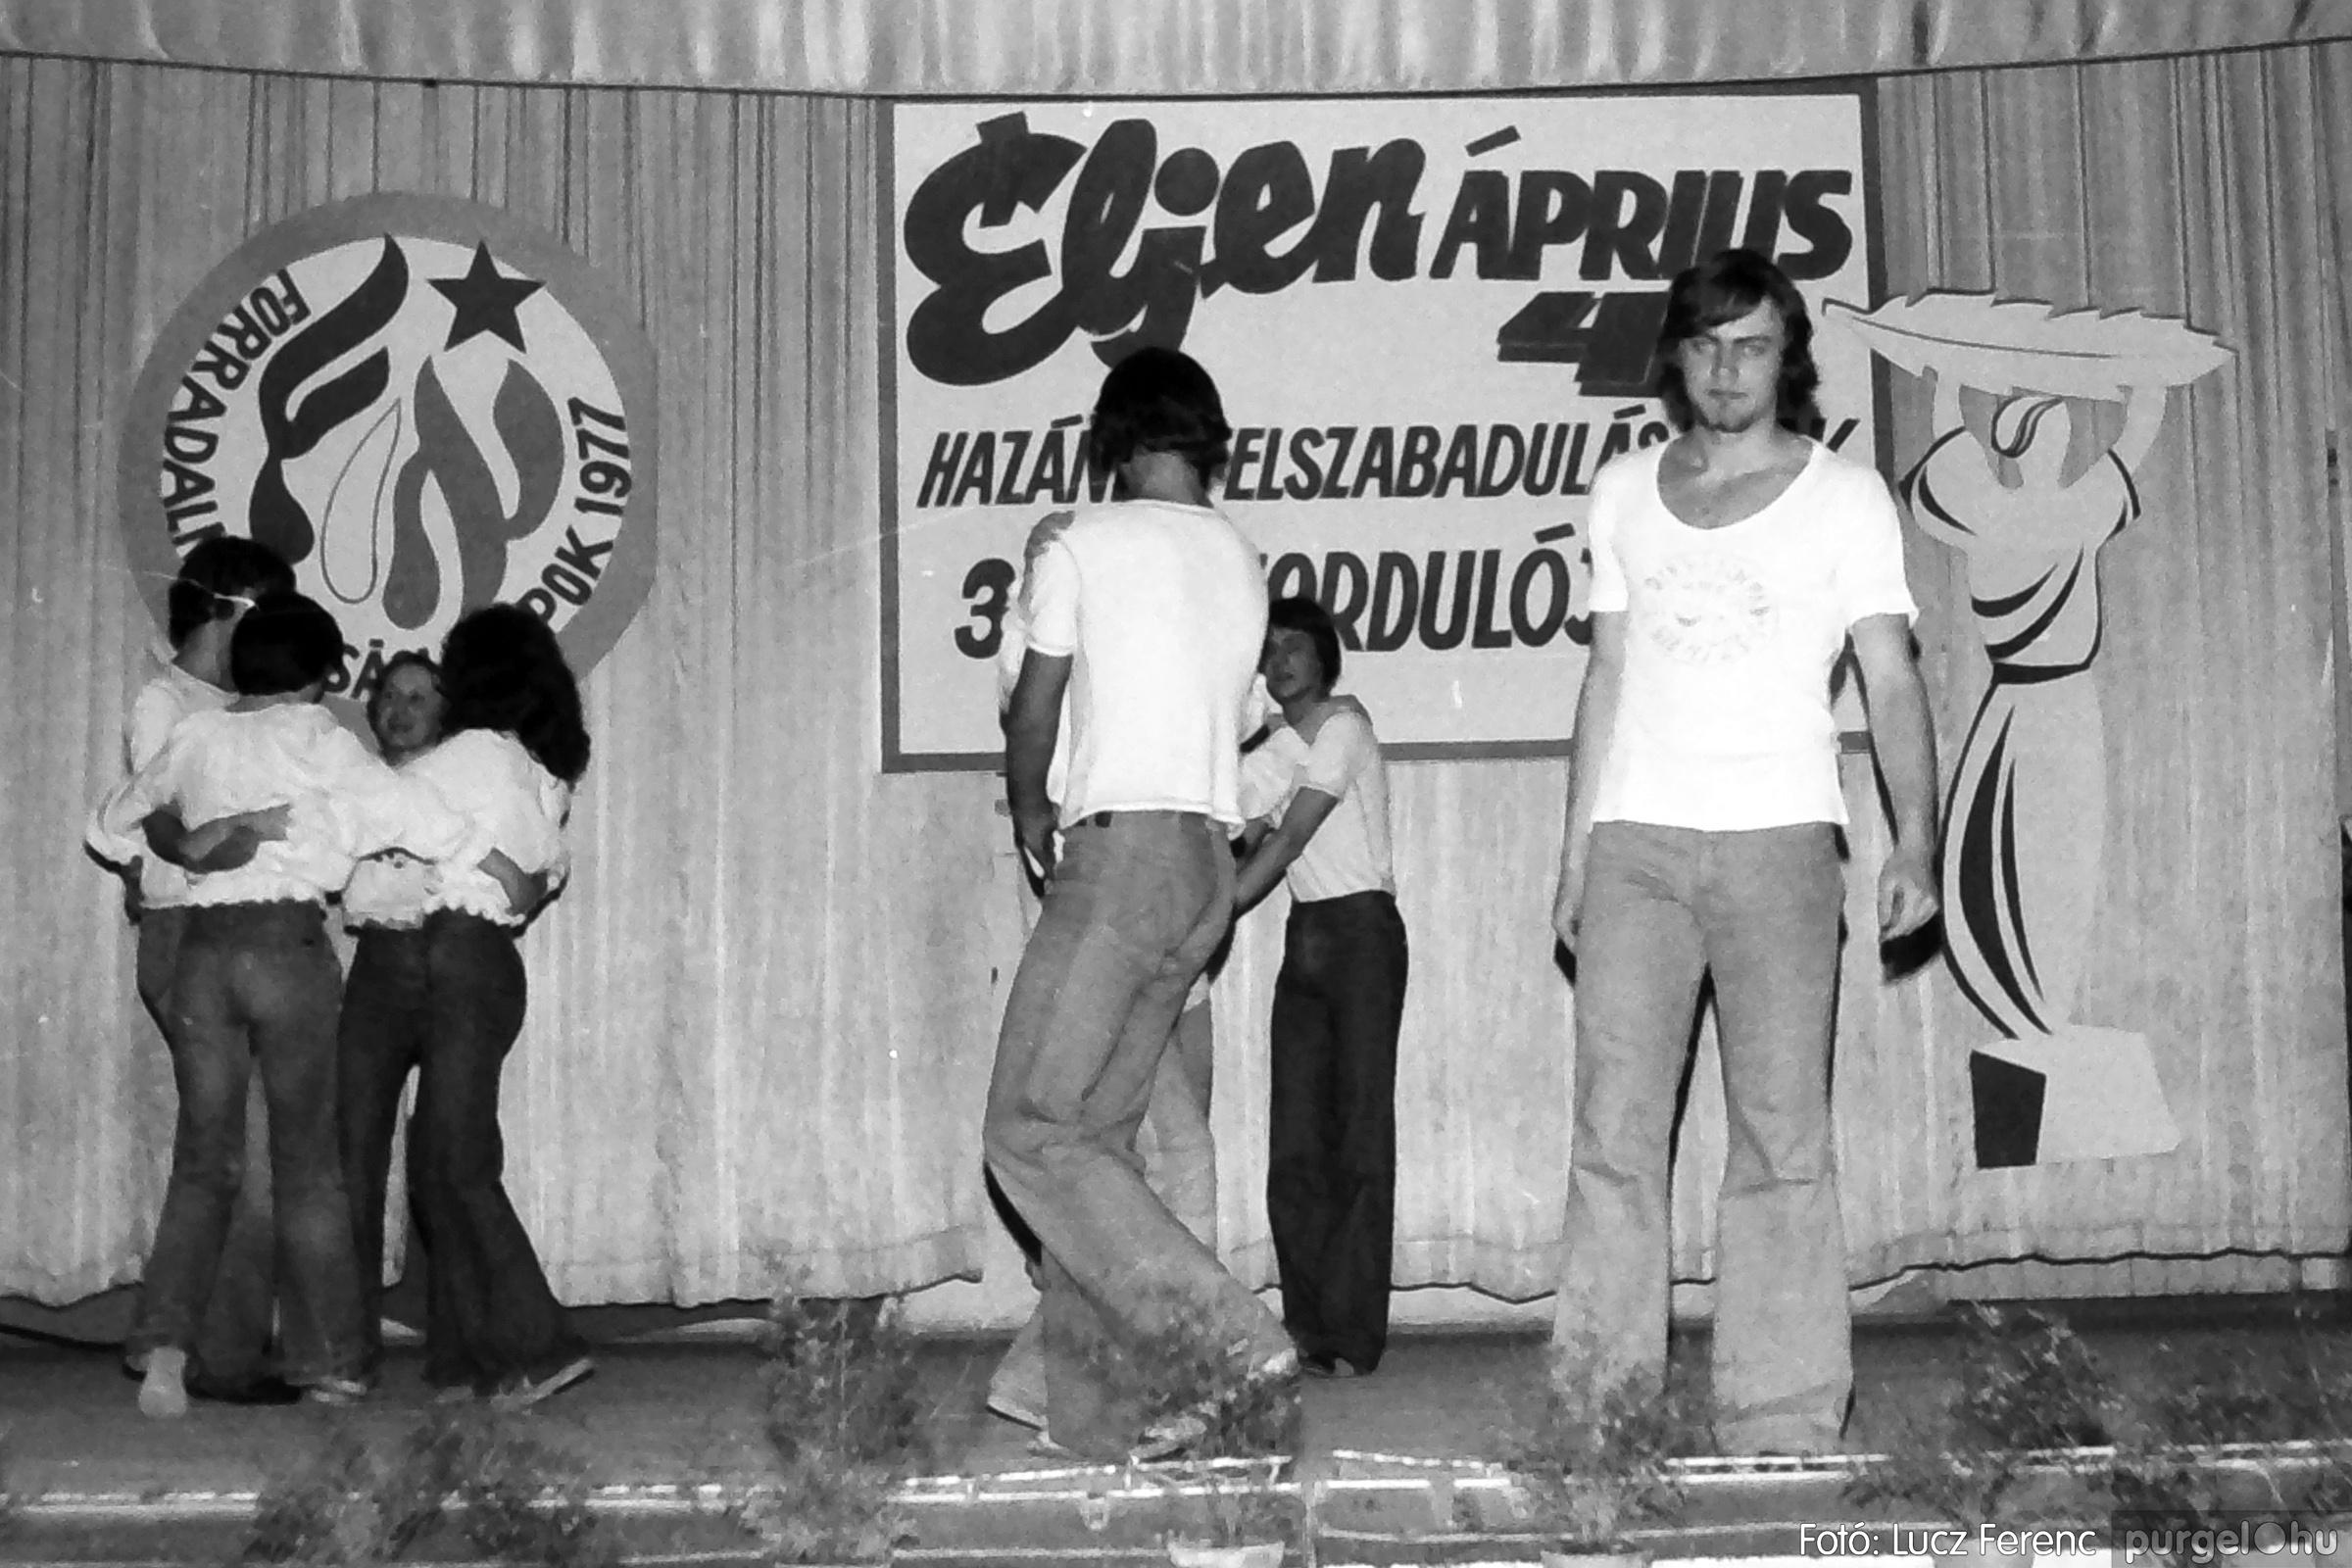 078. 1977.04.04. Április 4-i ünnepség 041. - Fotó: Lucz Ferenc.jpg